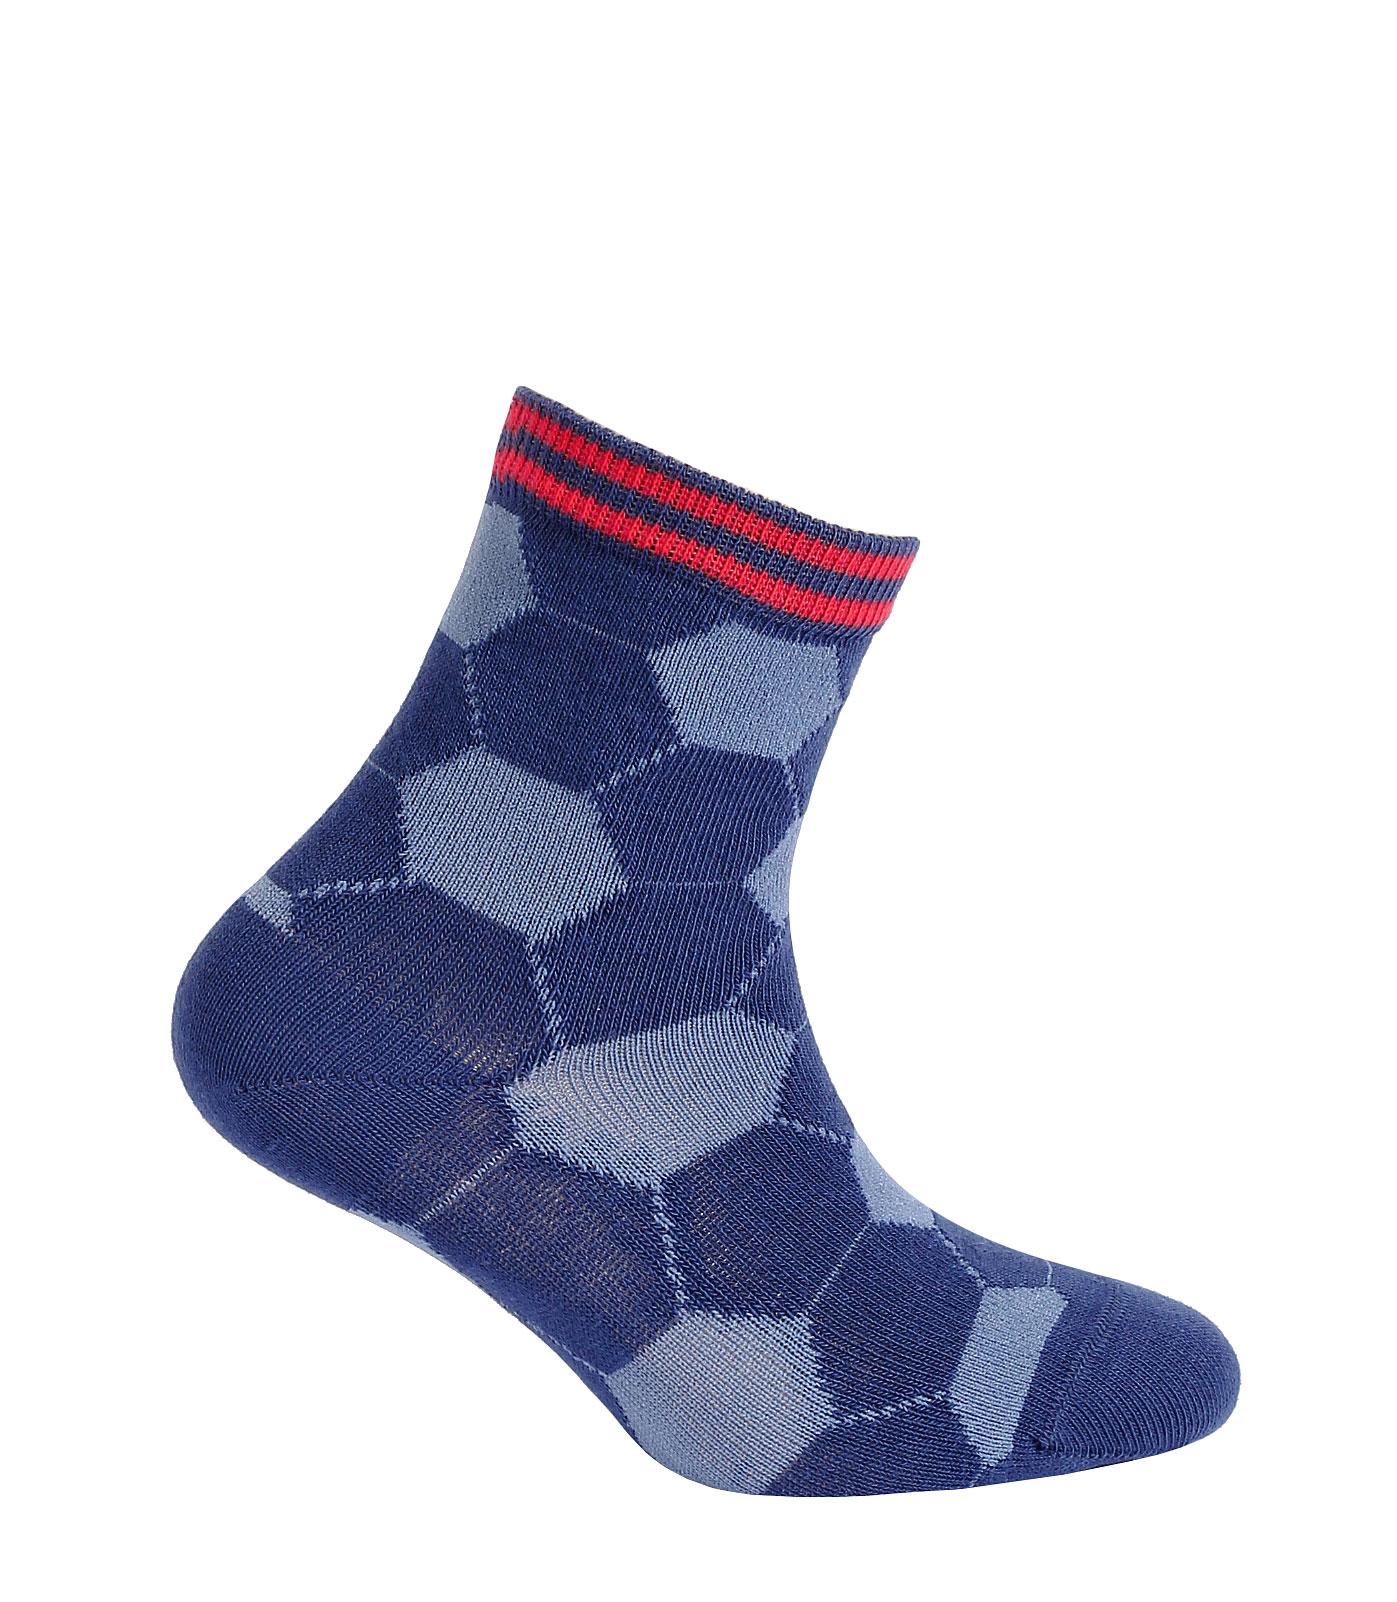 dětské ponožky vzor WOLA FOTBALOVÉ MÍČE 24-26